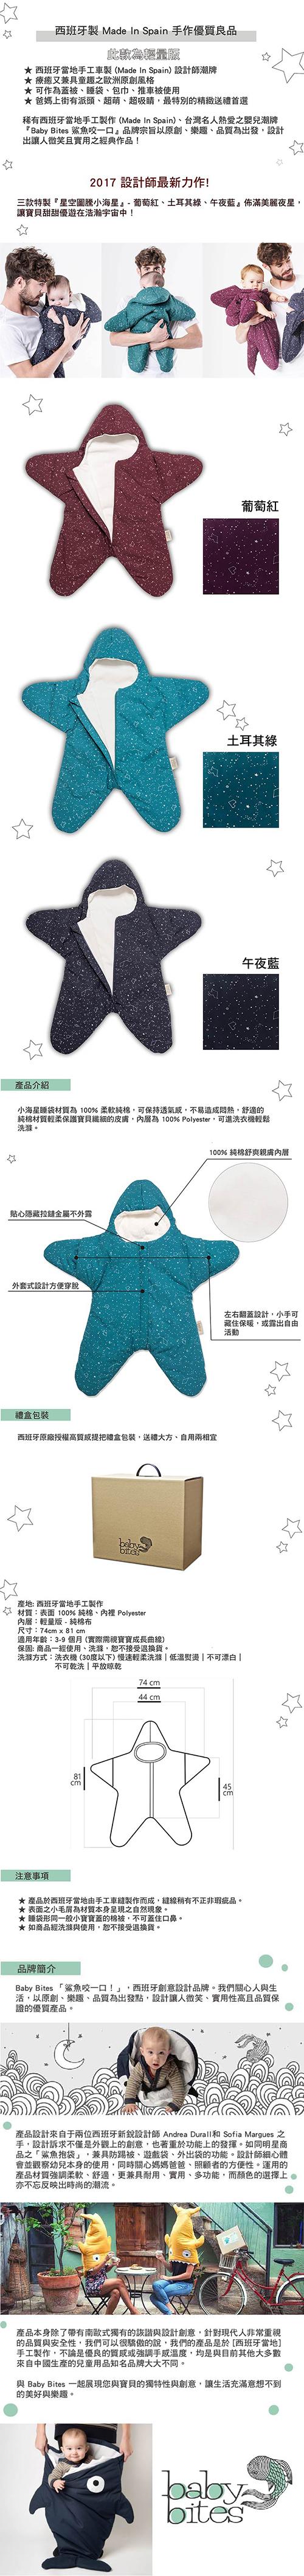 (複製)BabyBites|100%純棉手作兒童版睡袋/防踢被-鯊魚咬一口/喜氣紅